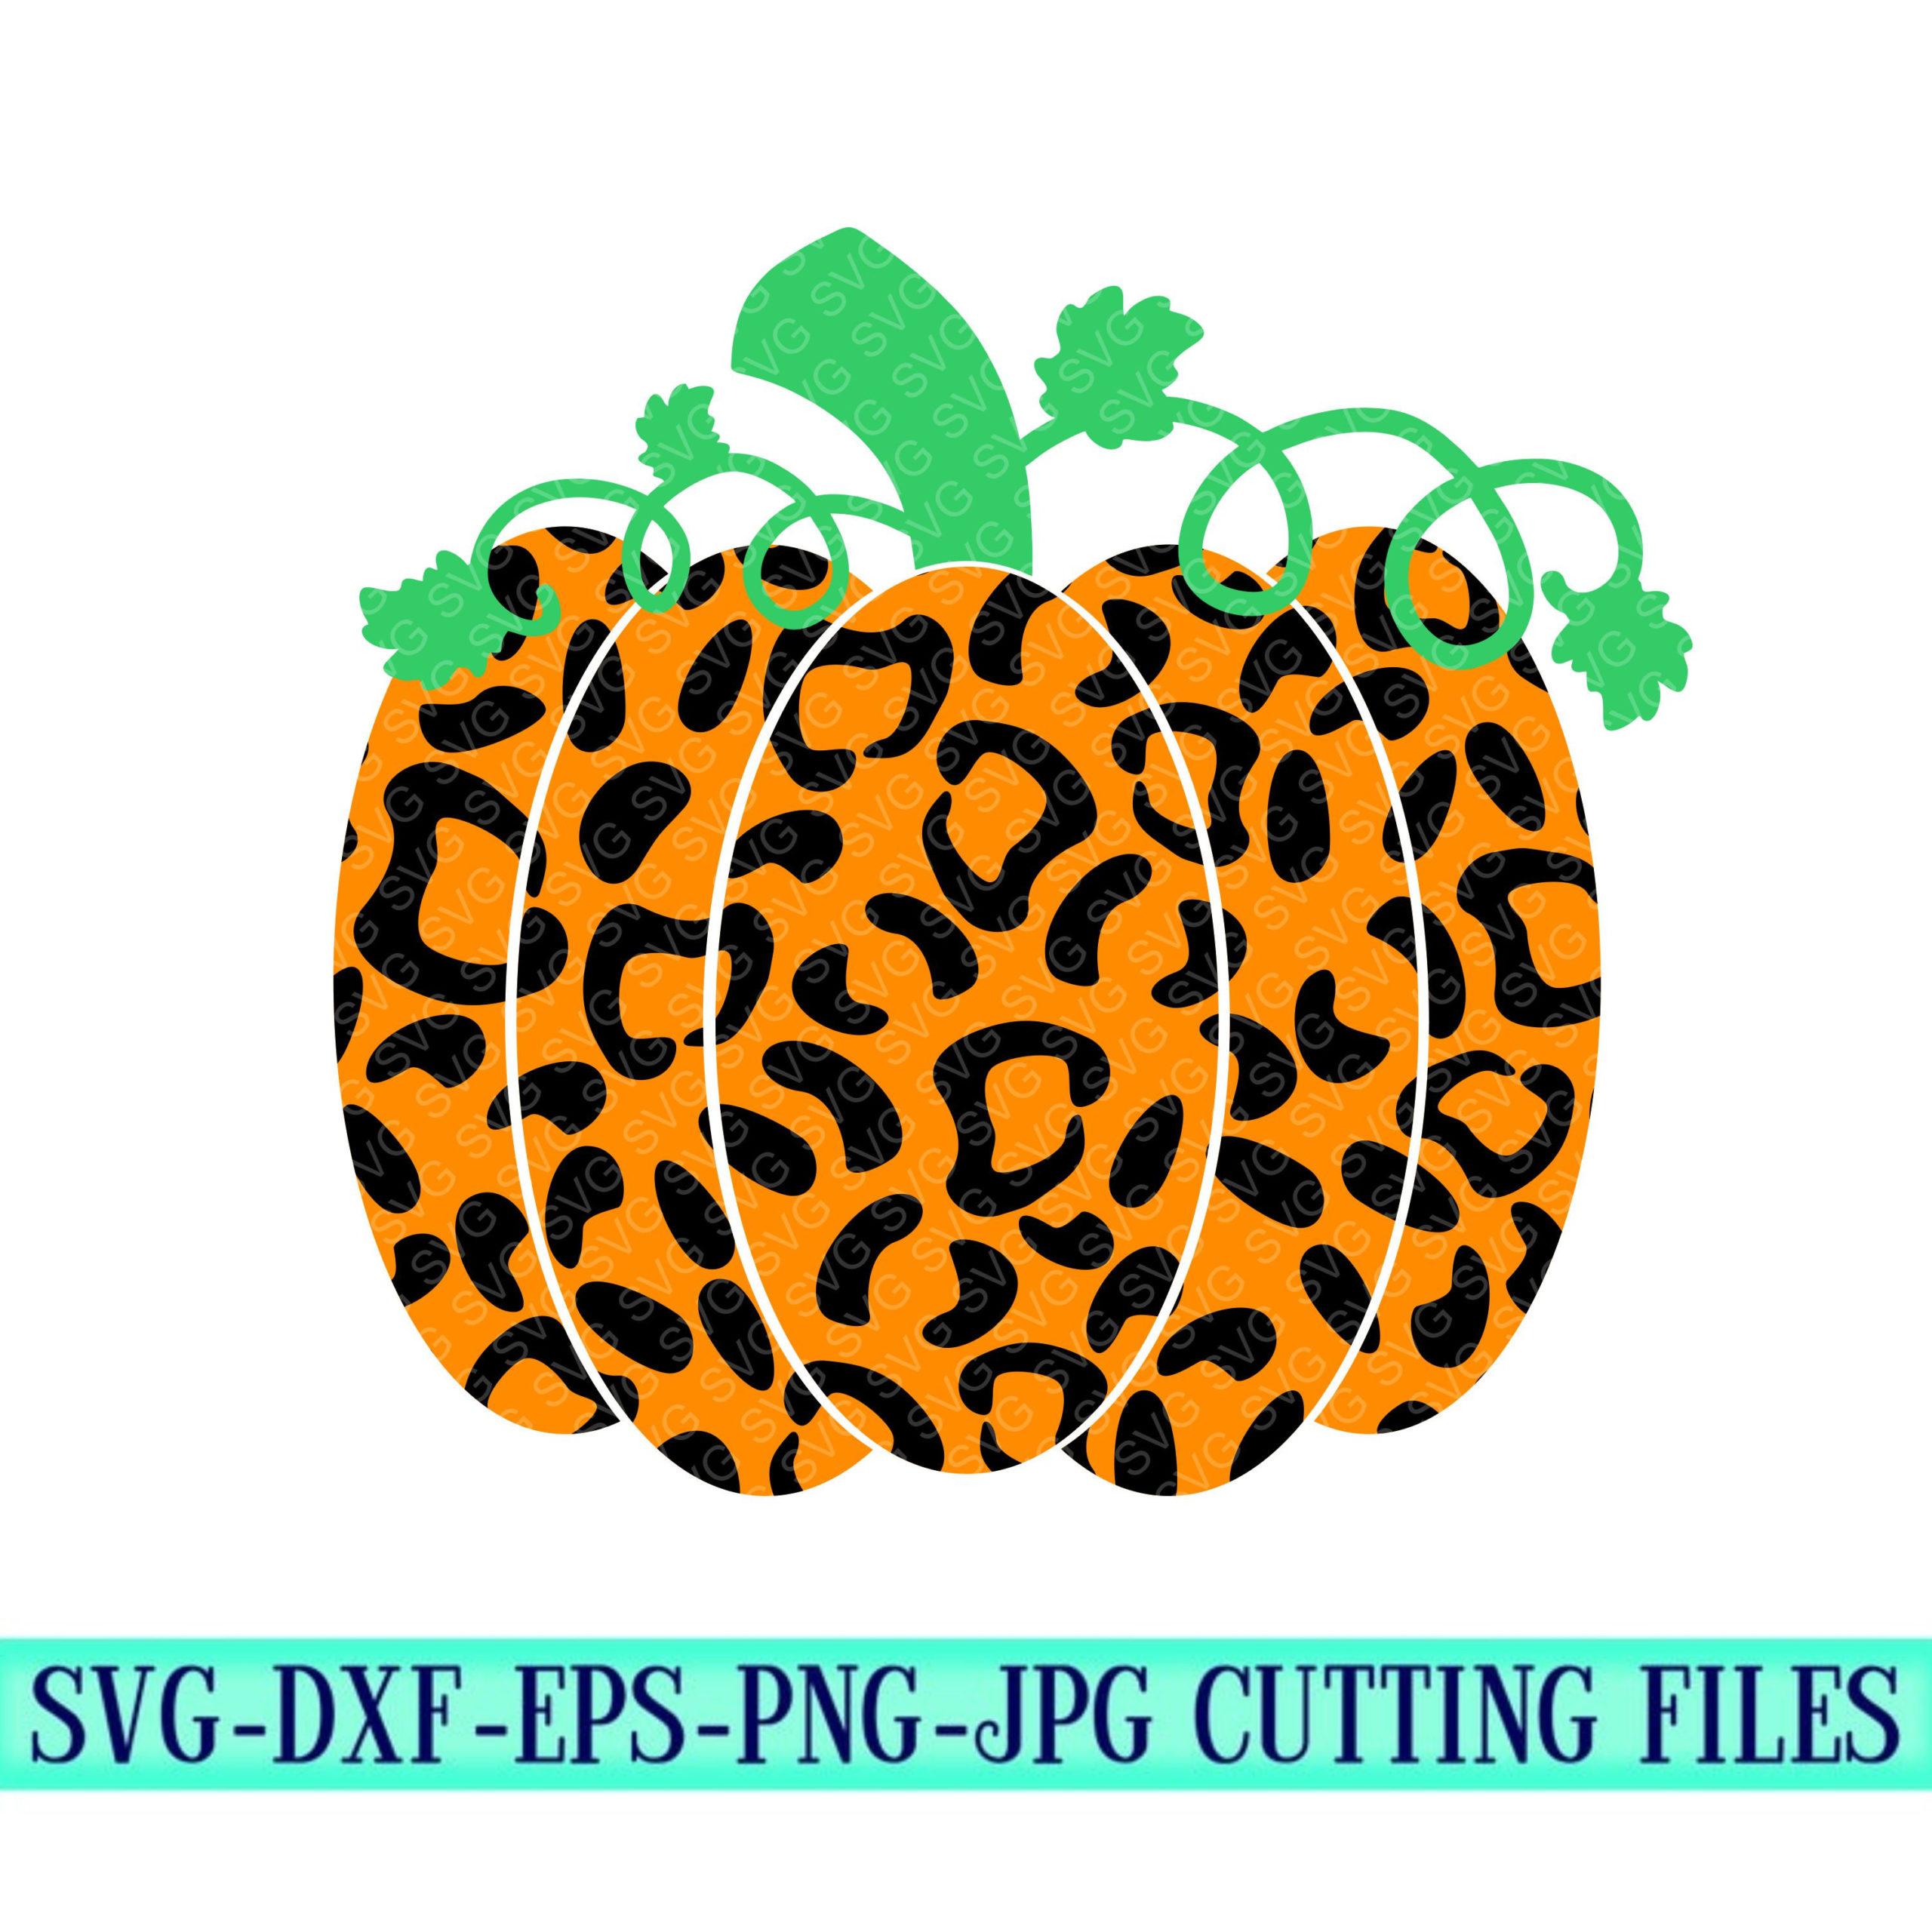 Pumpkin-cheetah-print-svg-pumpkin-svgfall-svghalloween-svgcheetah-pumpkin-svgcheetah-print-svgfall-svg-designfall-cut-filecricut-svg-5f6f7049